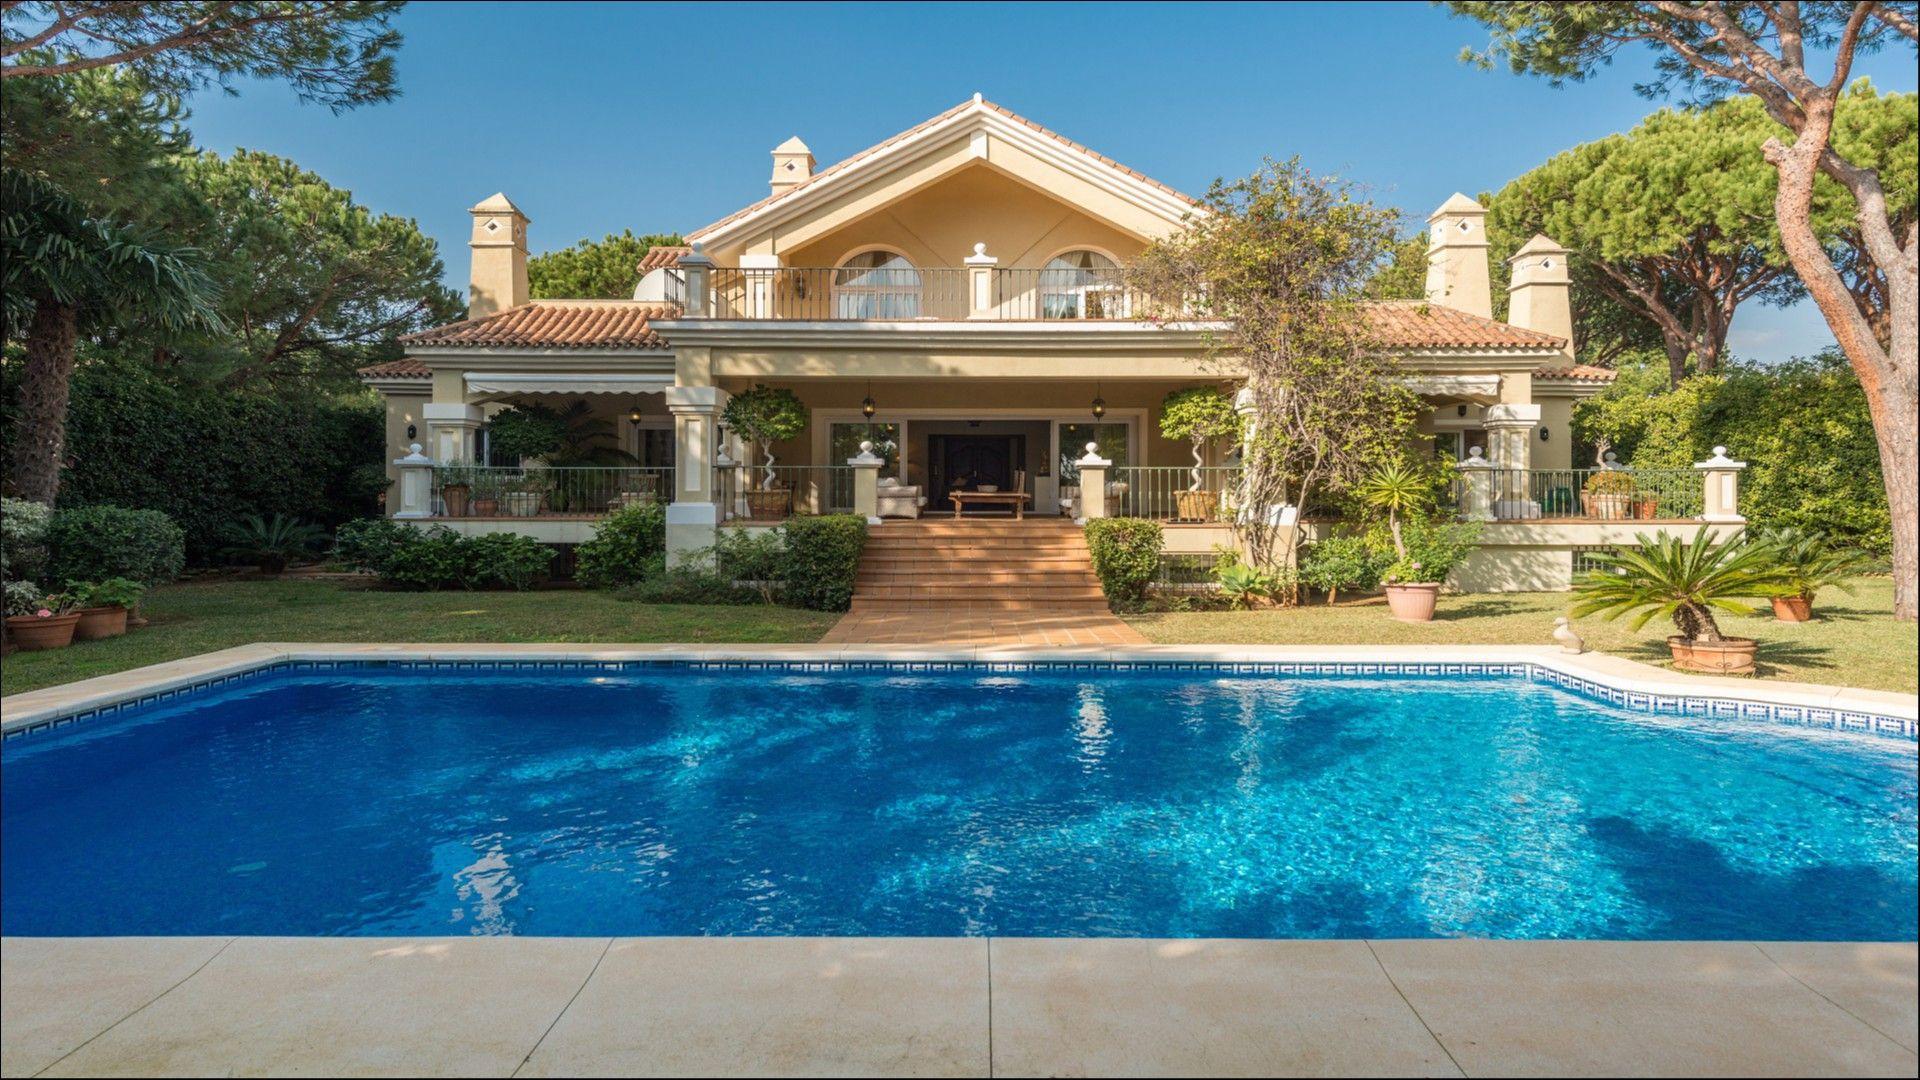 Chalet-Villa Hacienda Las Chapas en Marbella, Malaga, España. 578 metros cuadrados, 7 habitaciones y 4 baños.